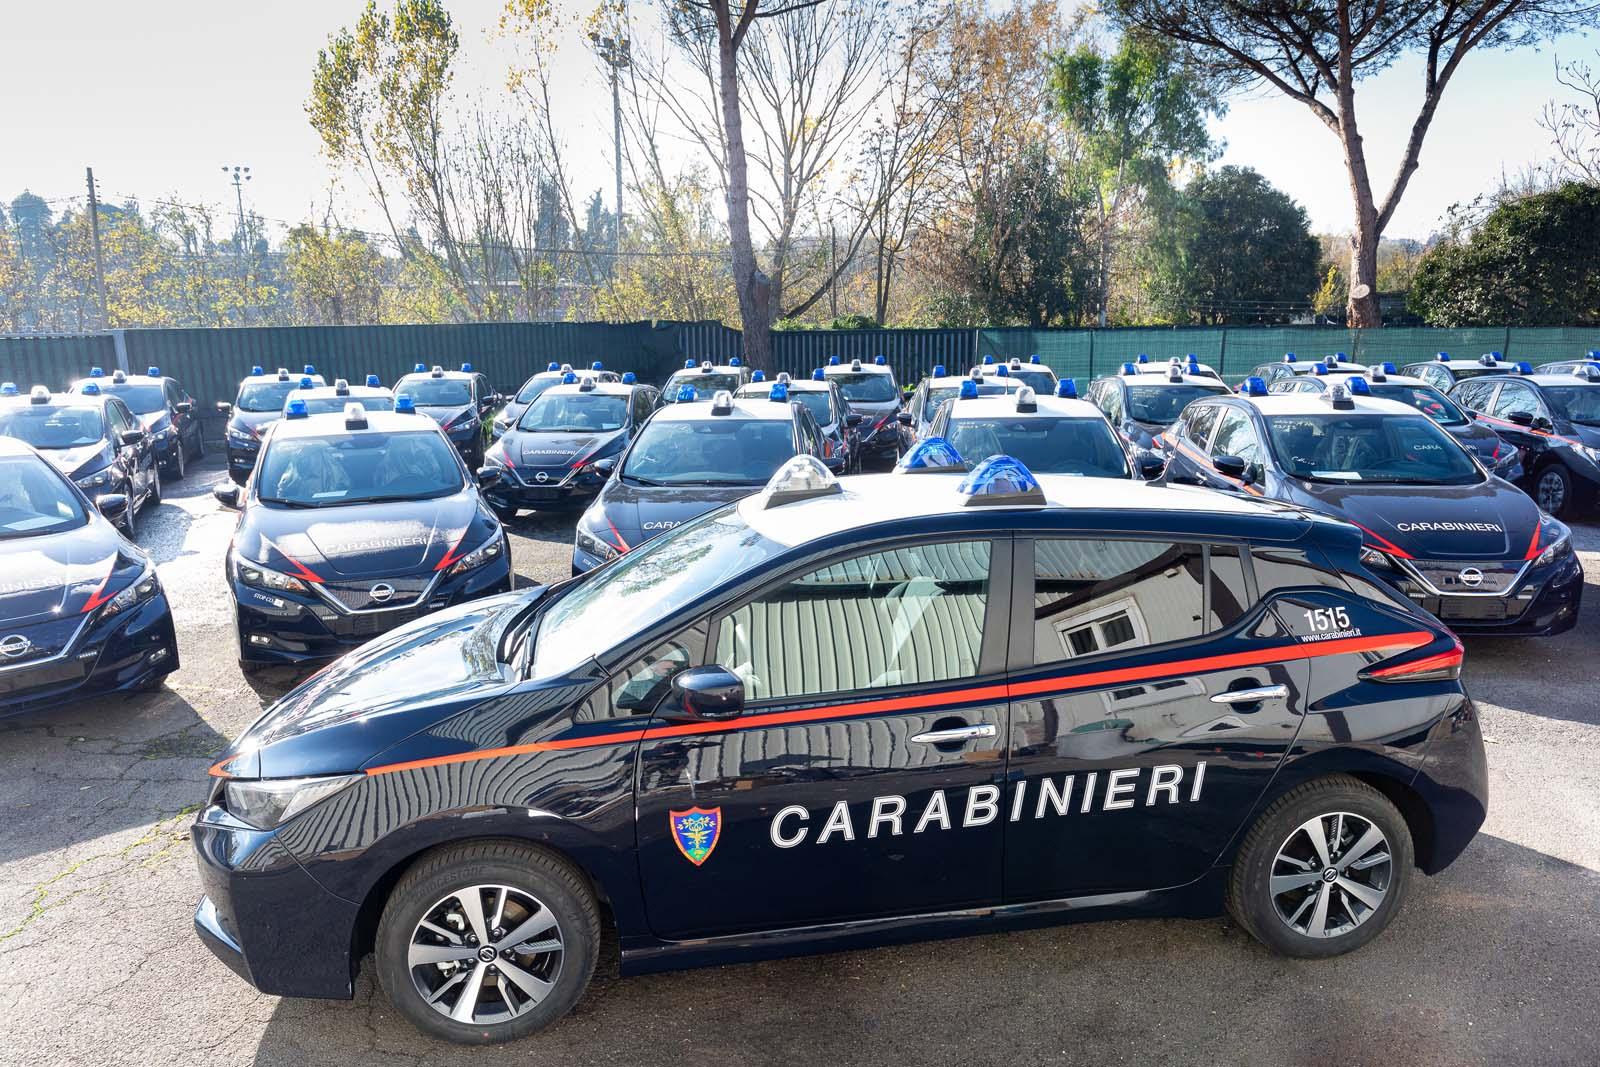 Nissan2BLEAF2Ball2527ARMA2Bdei2BCARABINIERI2B252812529 52 Nissan LEAF για το Σώμα των Carabinieri στην Ιταλία